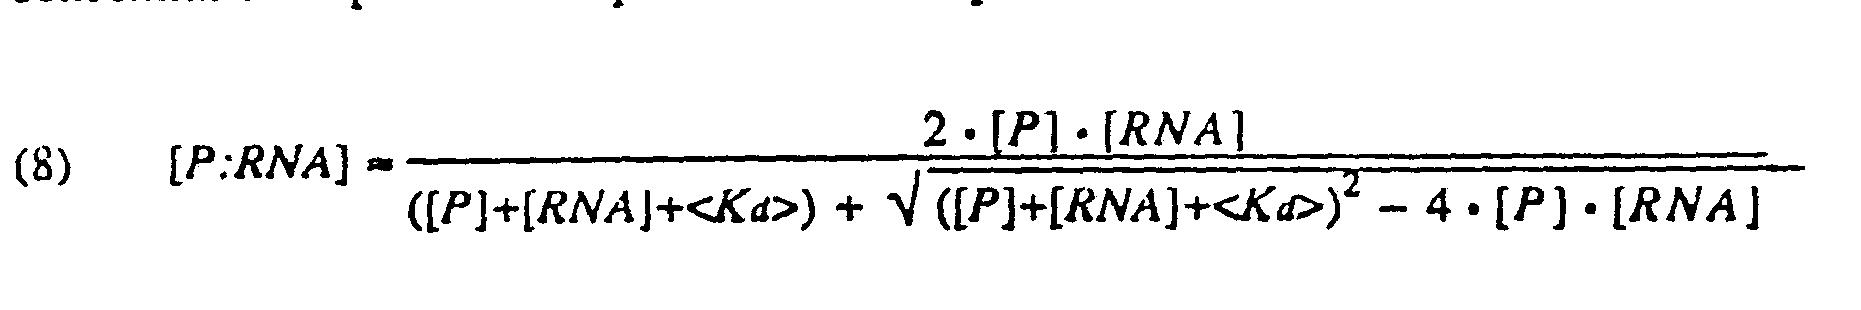 Figure imgf000126_0001